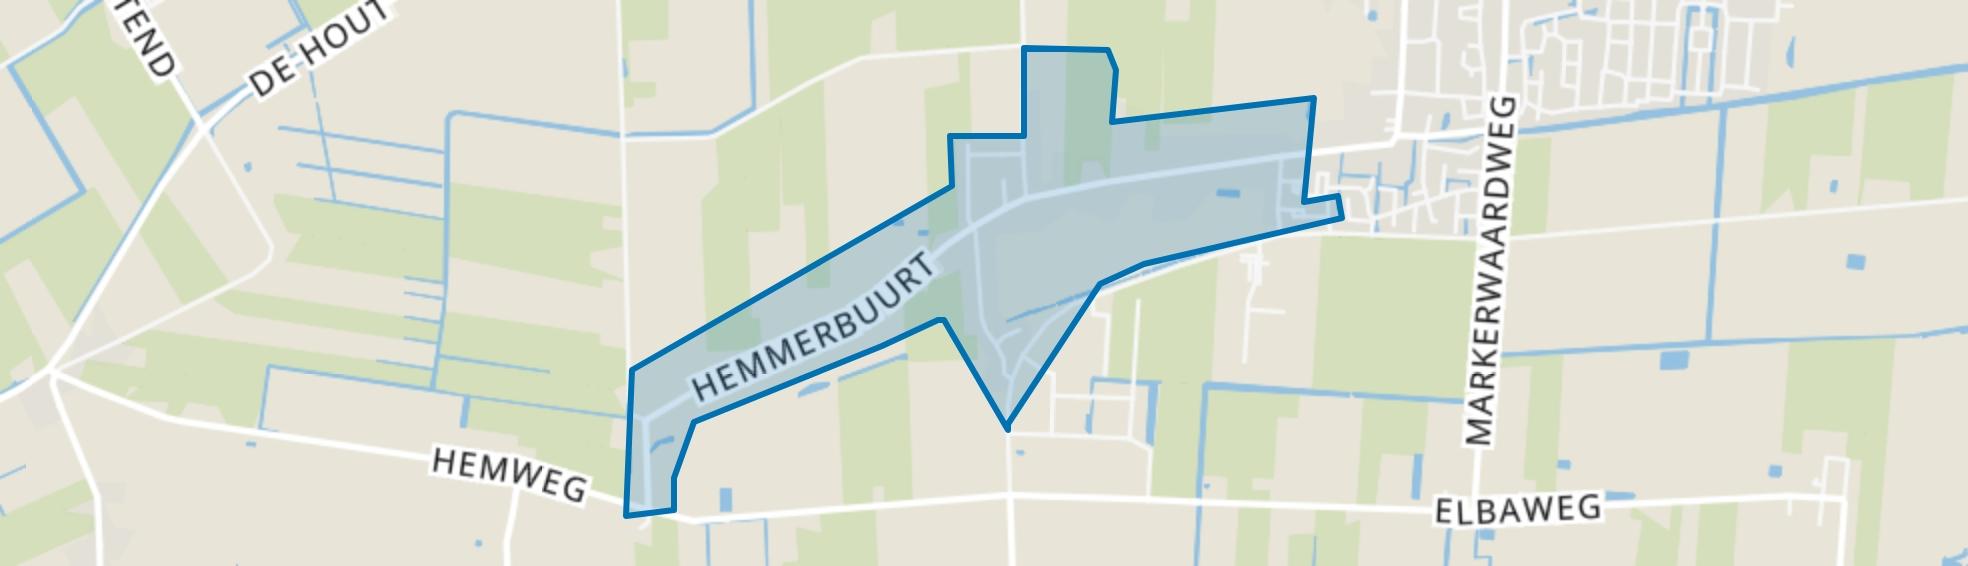 Hem, Hem map